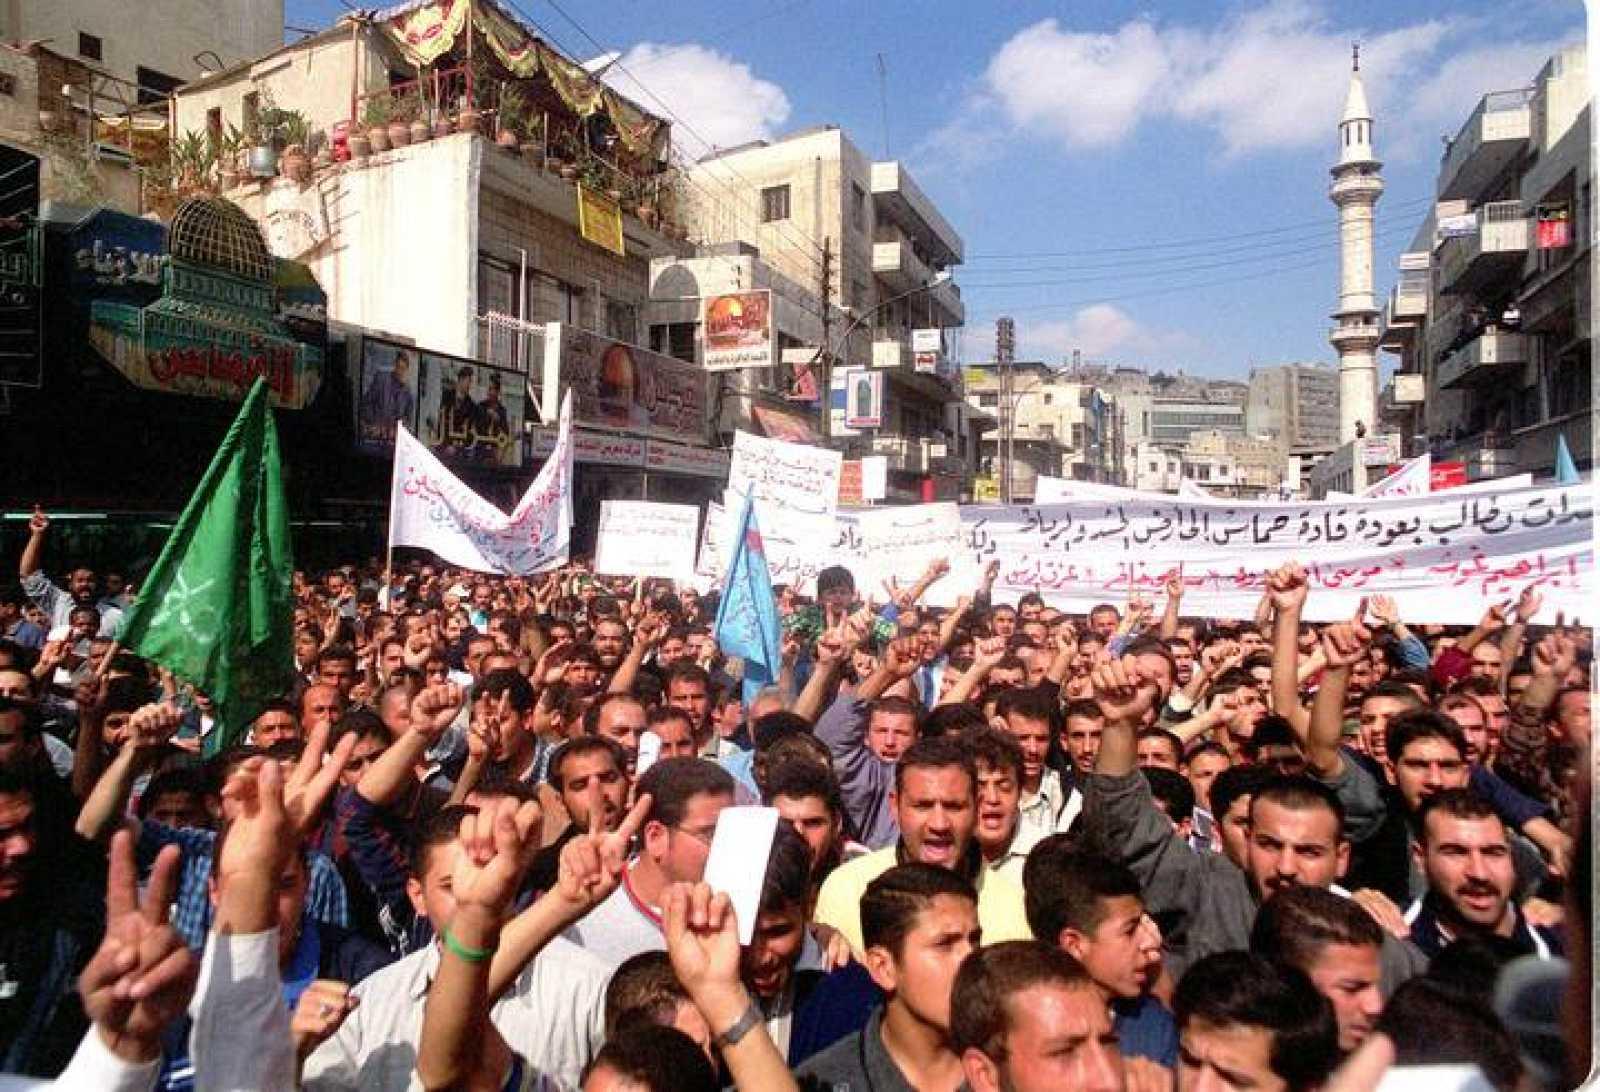 Pro-Palestinian Demonstration by Jordanians